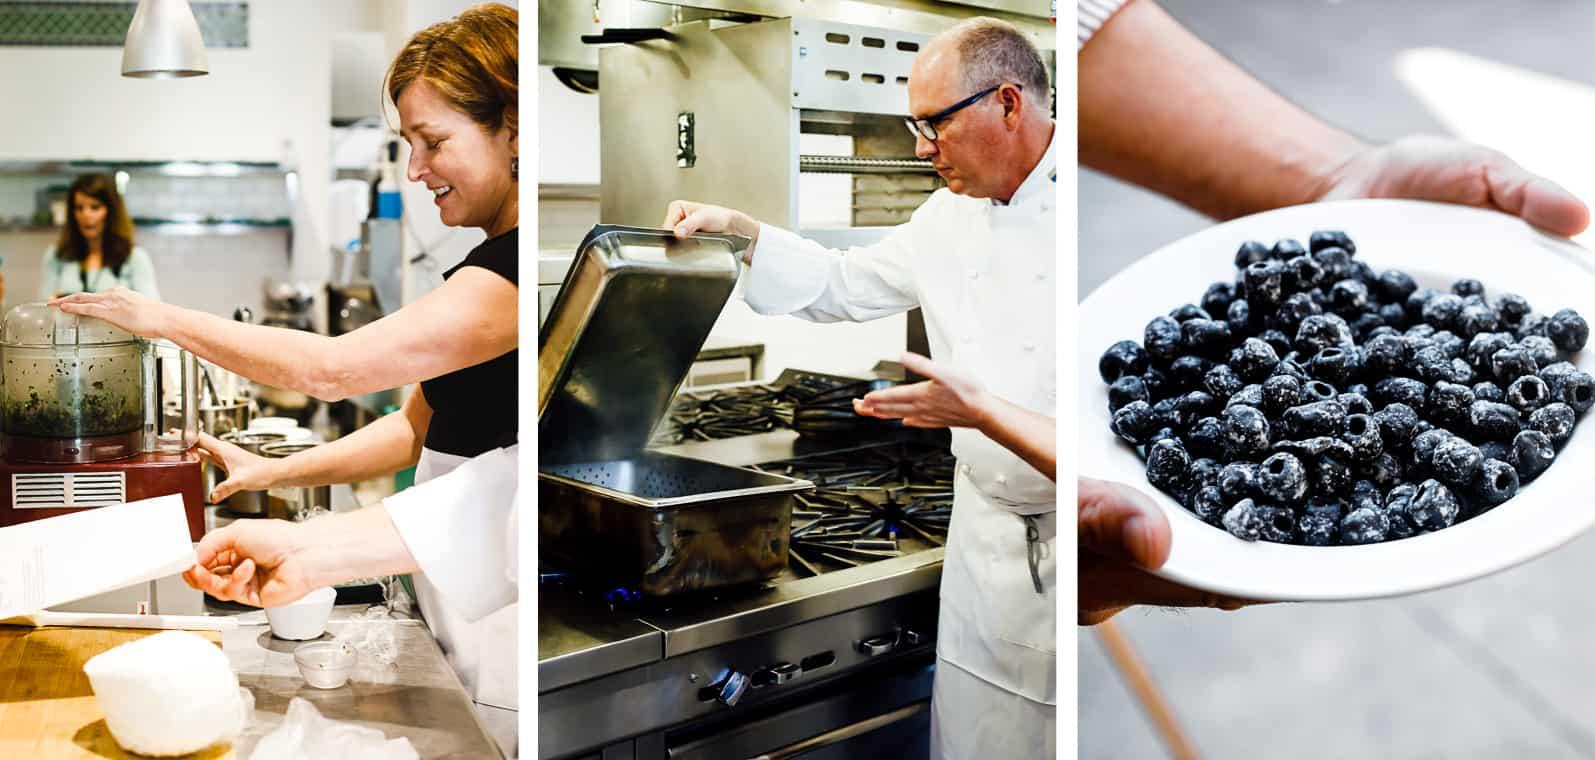 California Ripe Olives - Culinary Institute of America